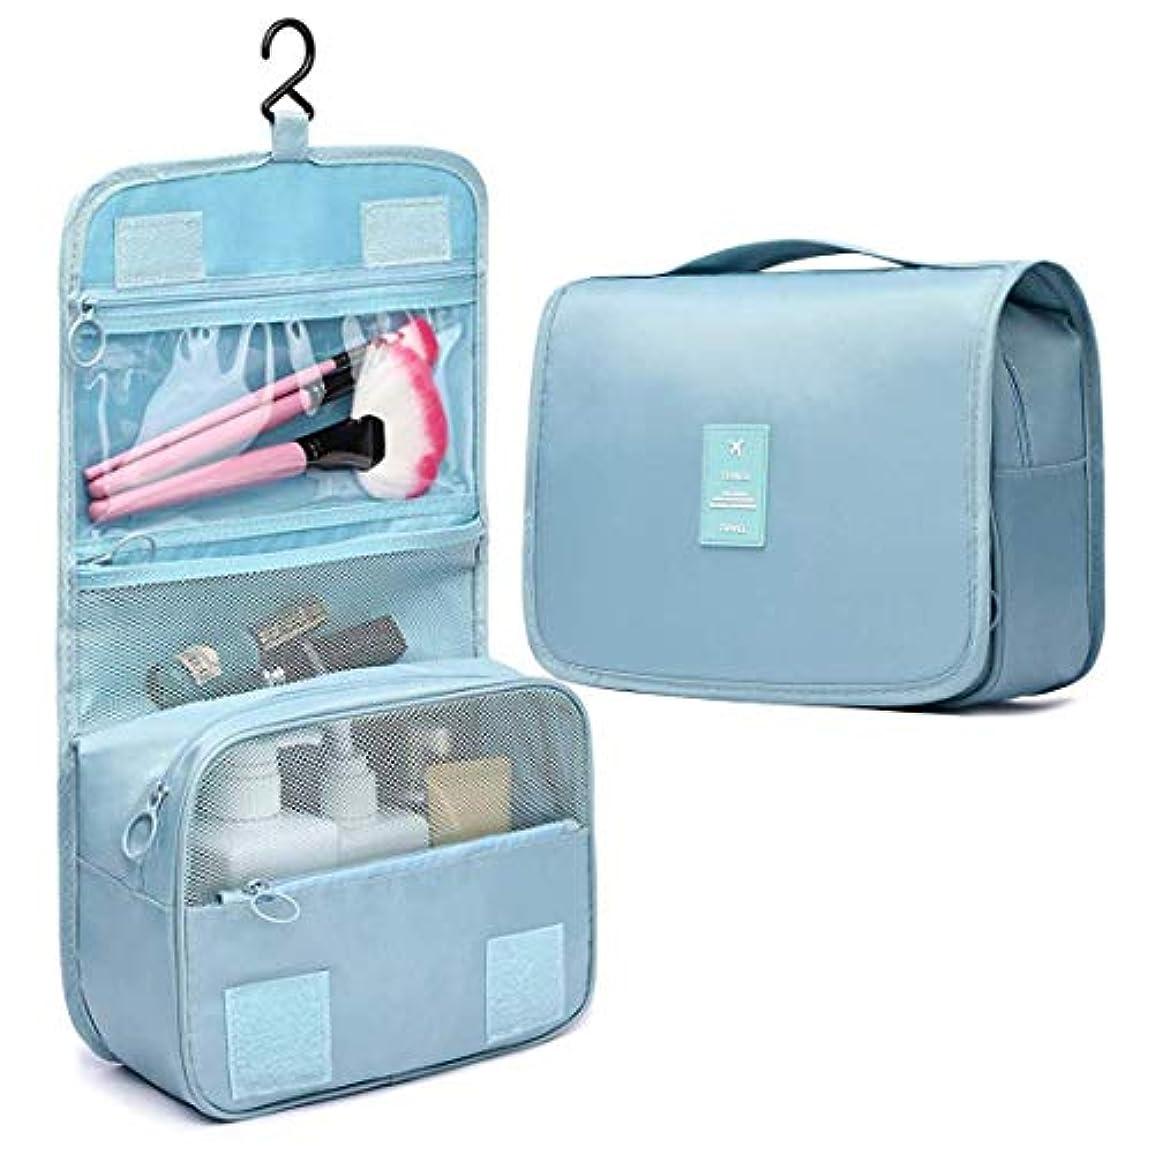 アブセイ特徴万一に備えて化粧品袋、ウォッシュバッグ、トラベルバッグ、洗顔、収納、浴室収納バッグ、ぶら下げ、小物、収納、パッキングバッグ、旅行、海外、旅行用品、育児用品